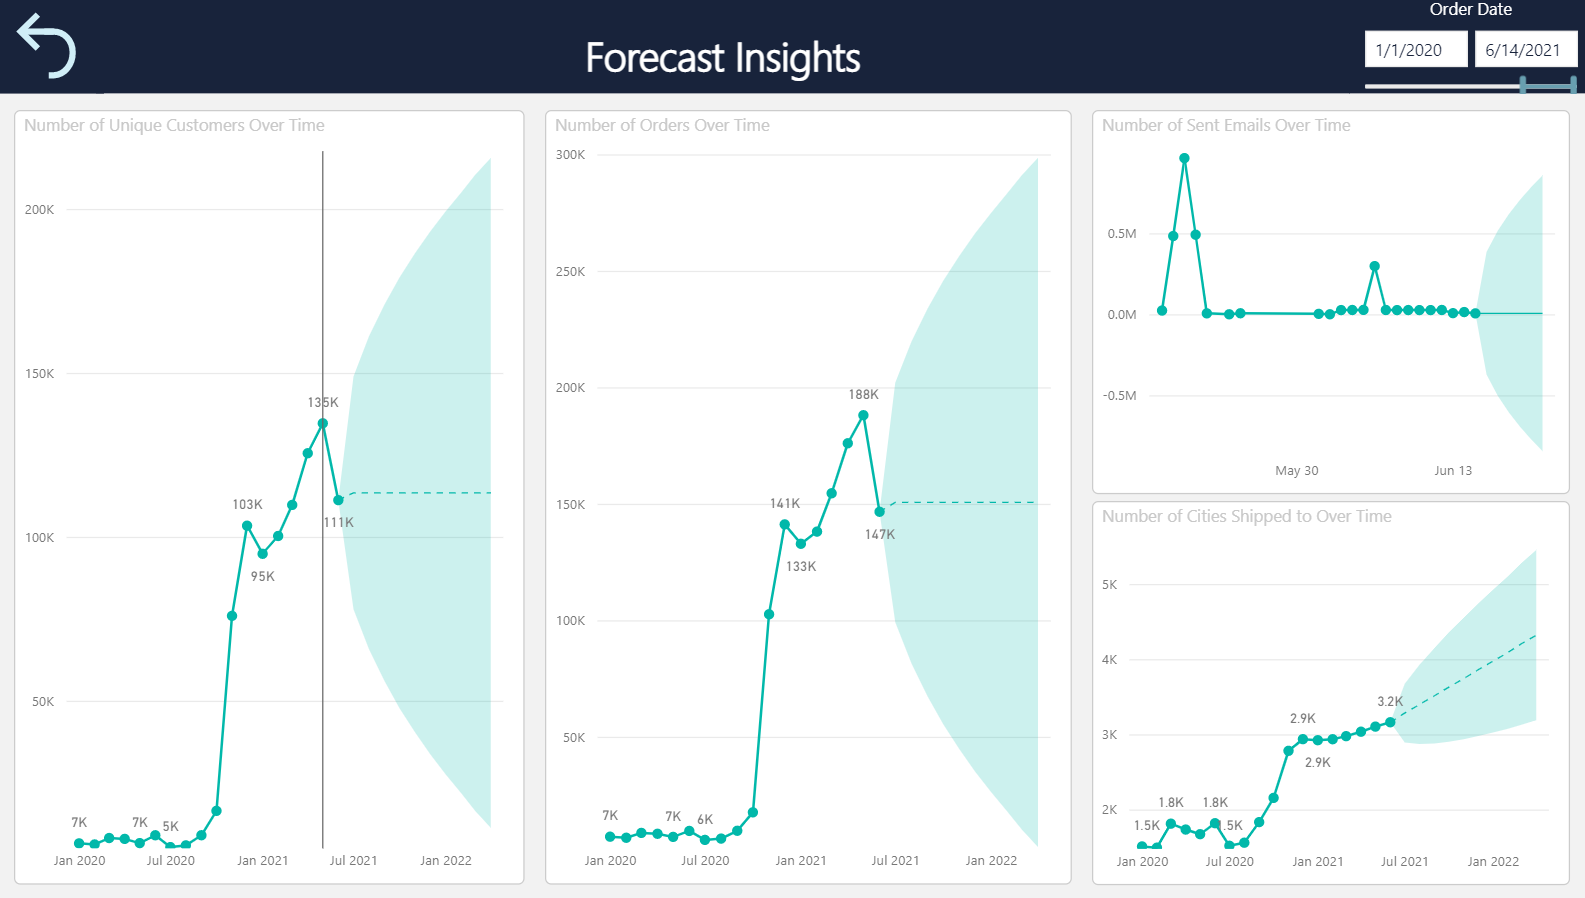 Forecast insights from Samba.ai